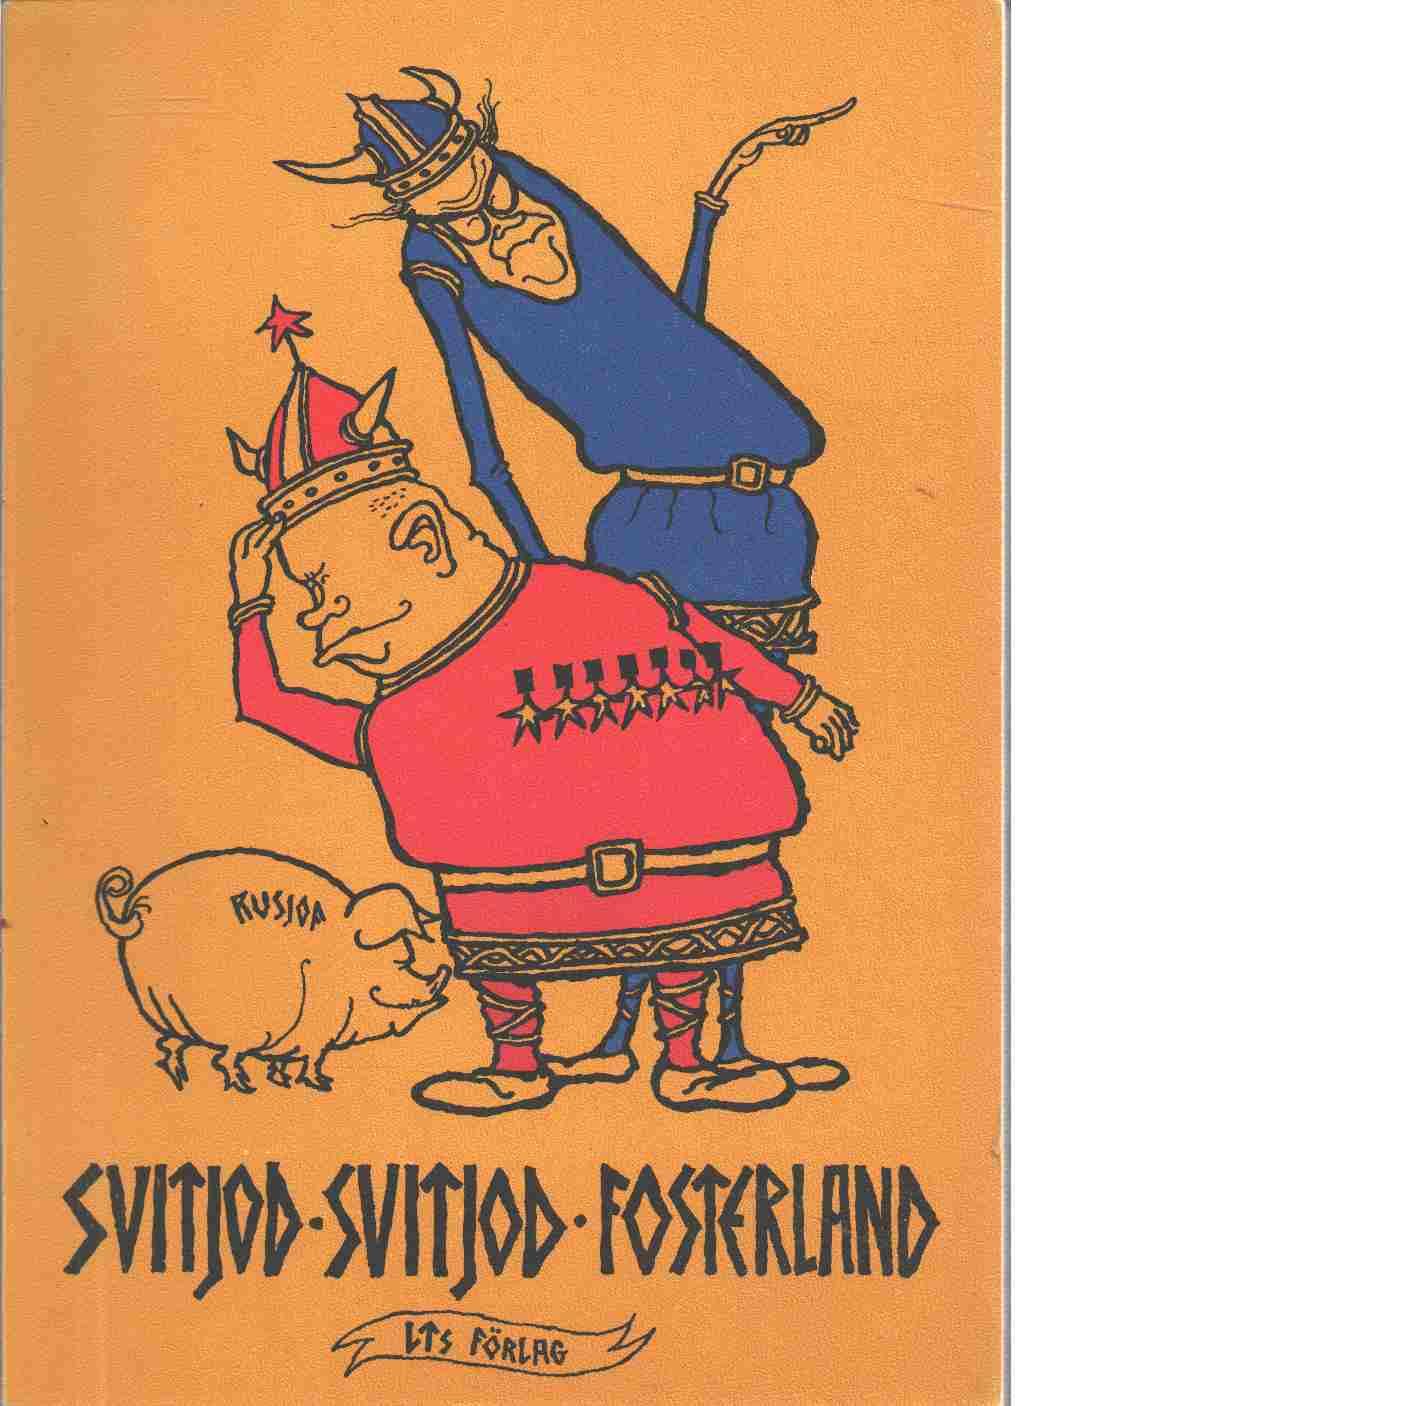 Svitjod, Svitjod fosterland : ur Gustaf Mångvis' saga - Gunnar på Lid-arrende och Karlsson, Ewert